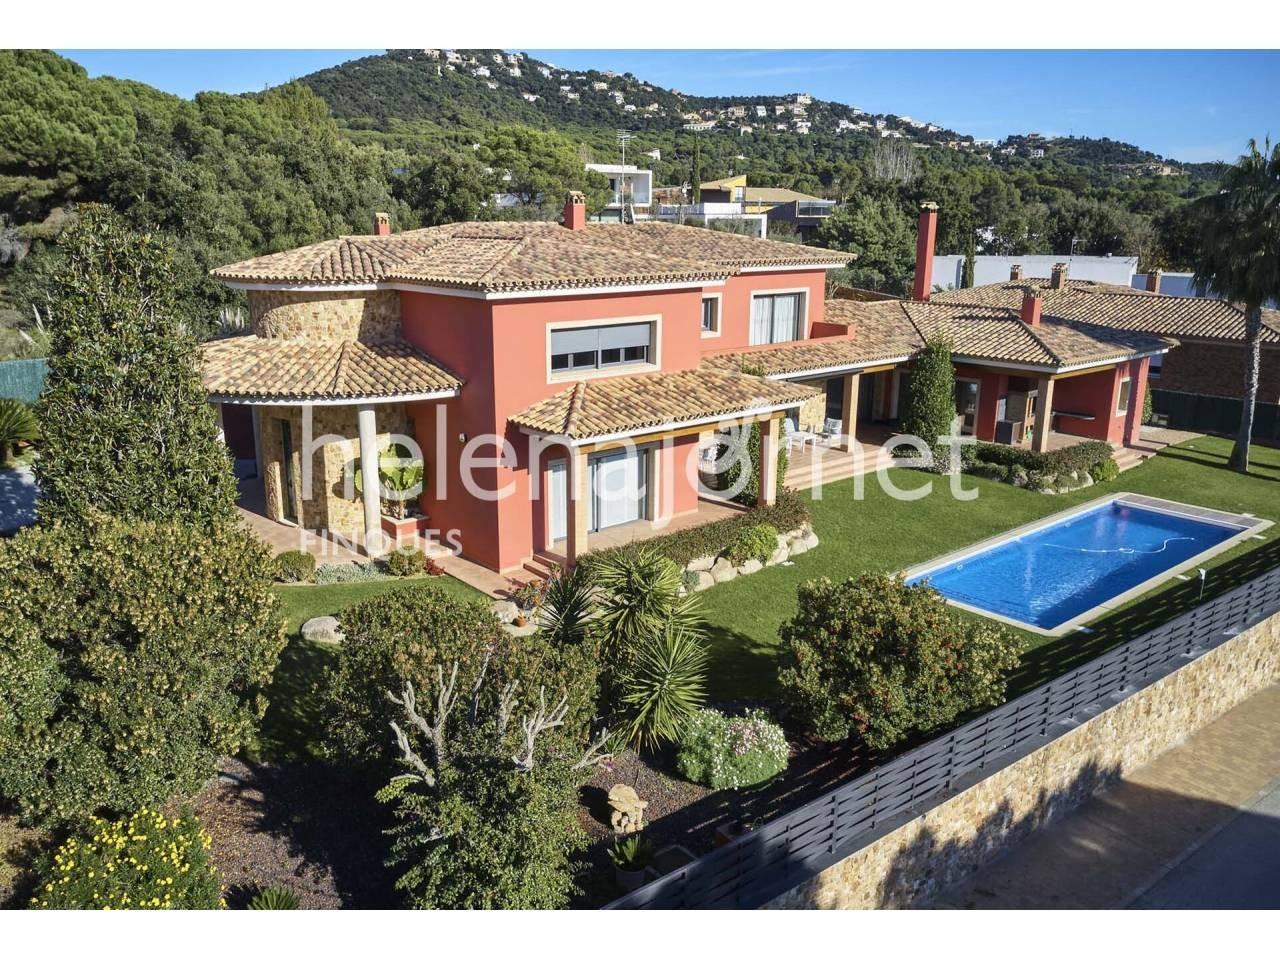 Maison fantastique et lumineuse avec jardin et piscine à Santa Cristina d´Aro - 3516